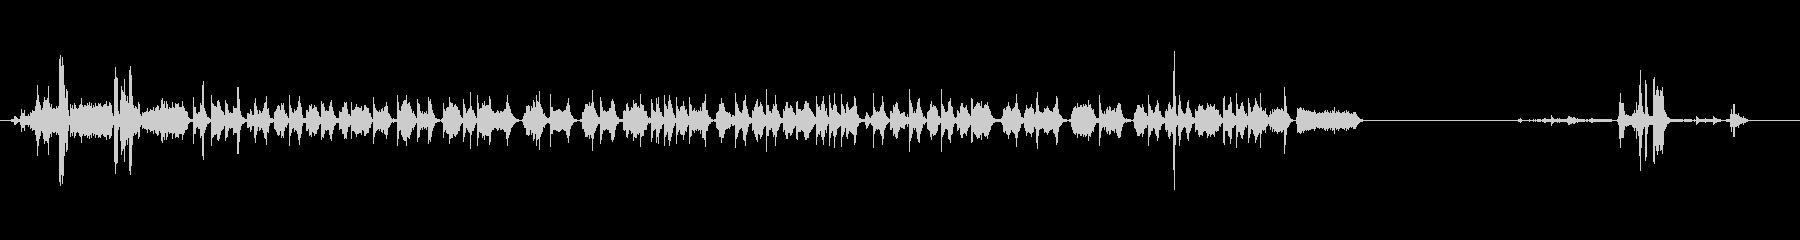 【プリンター01-1】の未再生の波形